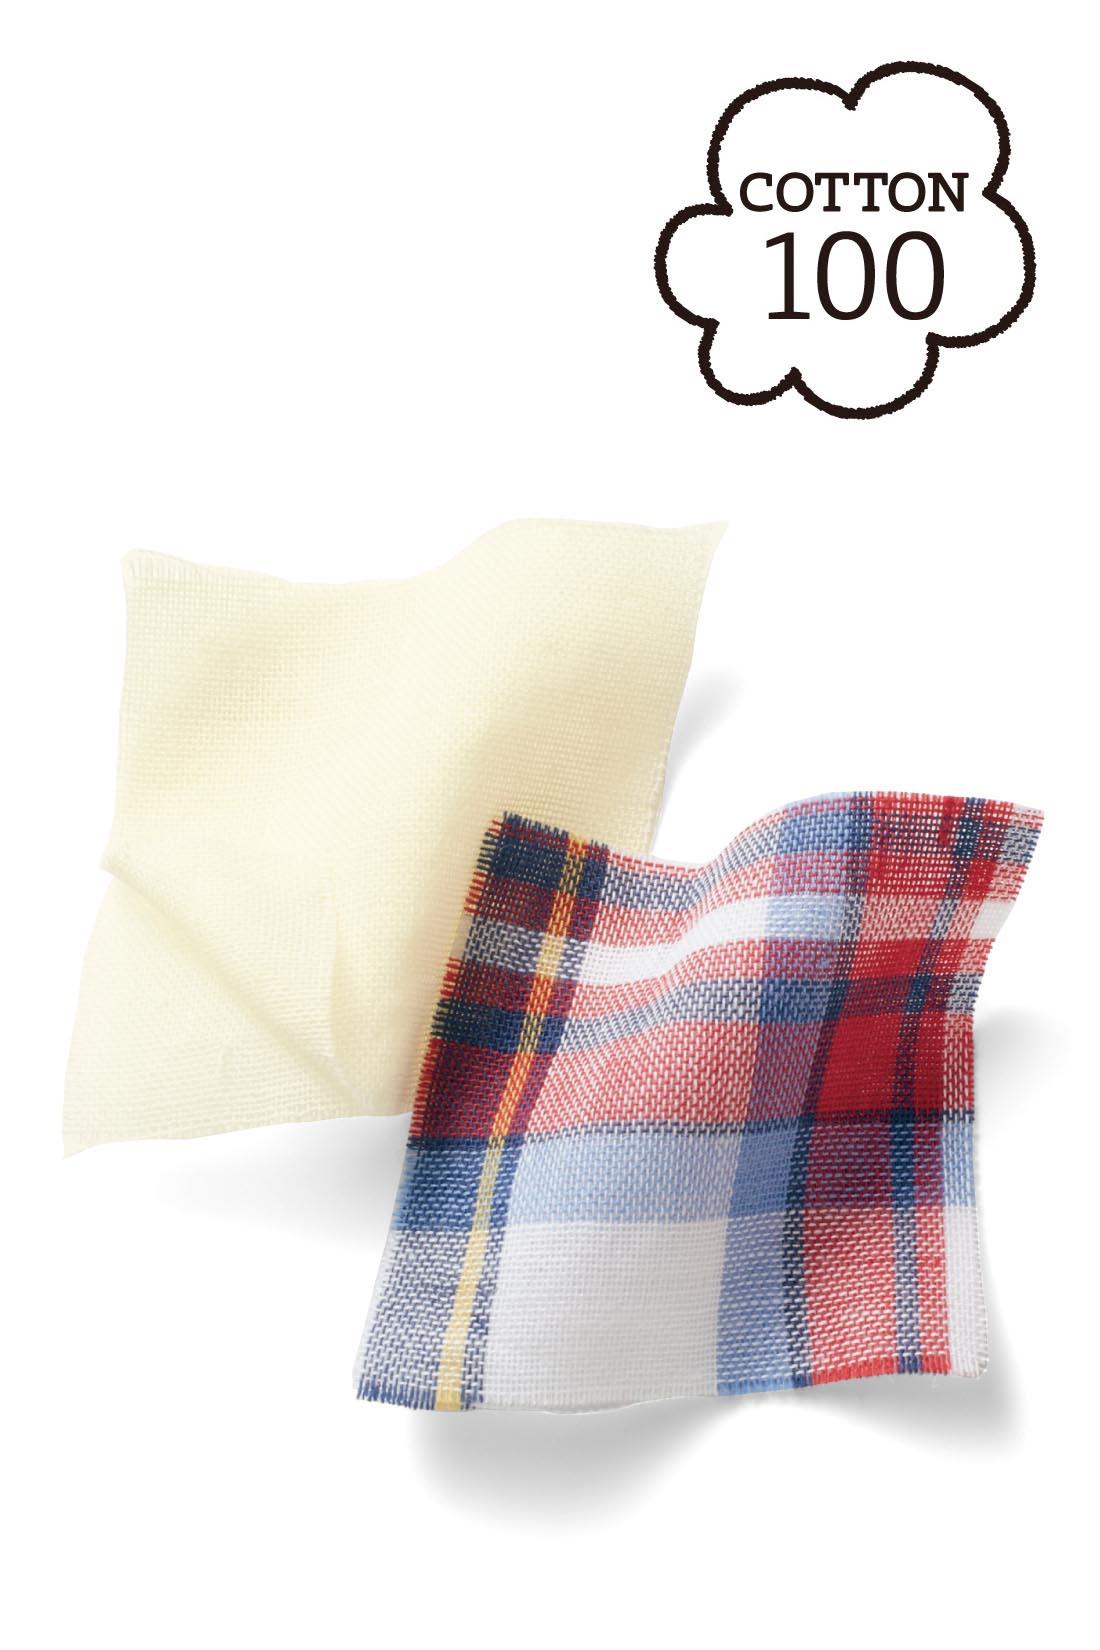 ガーゼ素材を二層に重ねた綿100%のダブルガーゼ素材。空気を含んだようなふっくらとした肌ざわりで、洗うほどに心地よい風合いに。ノンアイロンでもラフに決まるから、お手入れもらくちんです。 ※お届けするカラーとは異なります。